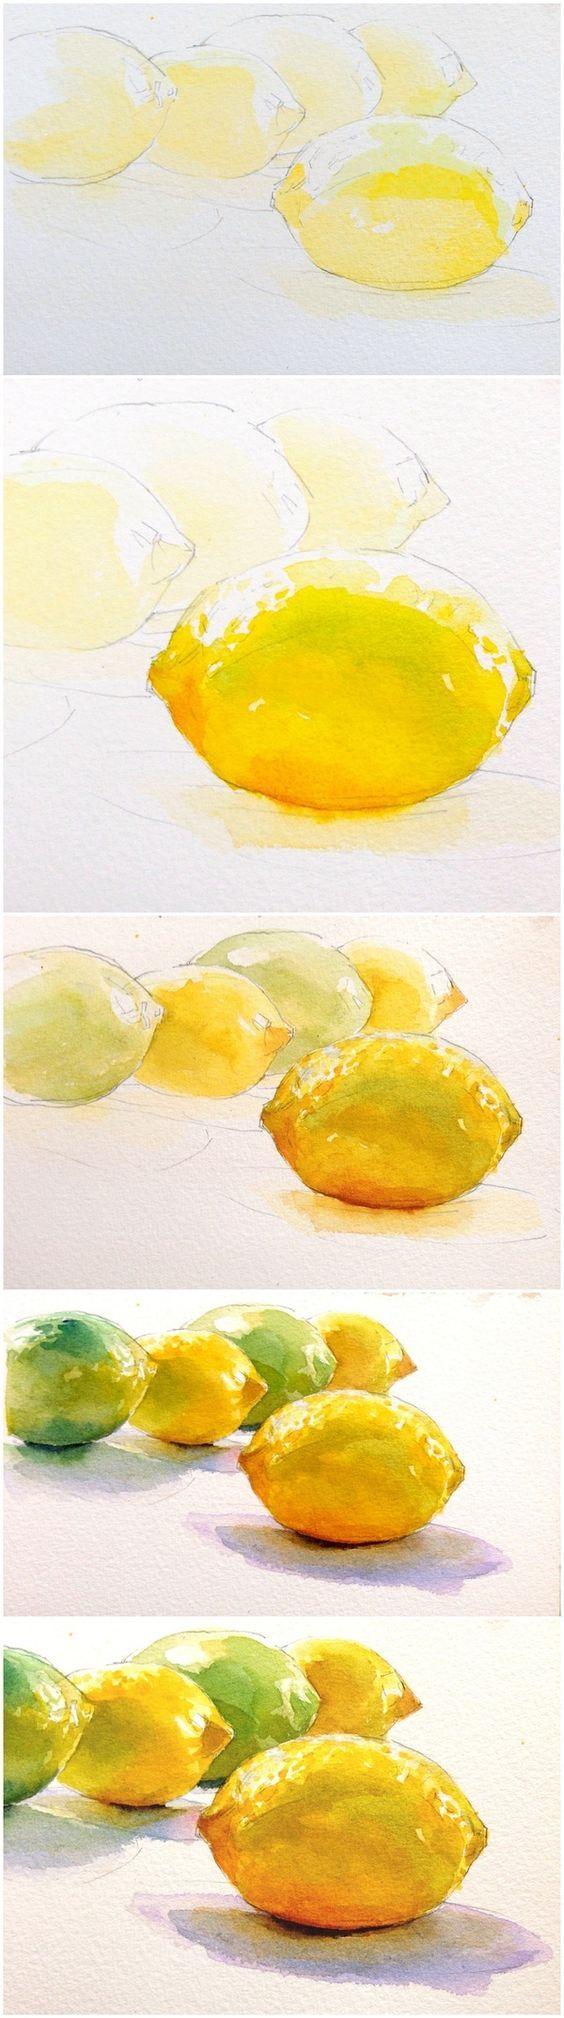 Malanleitung Step By Step Zitronen Aquarell Schritt Fur